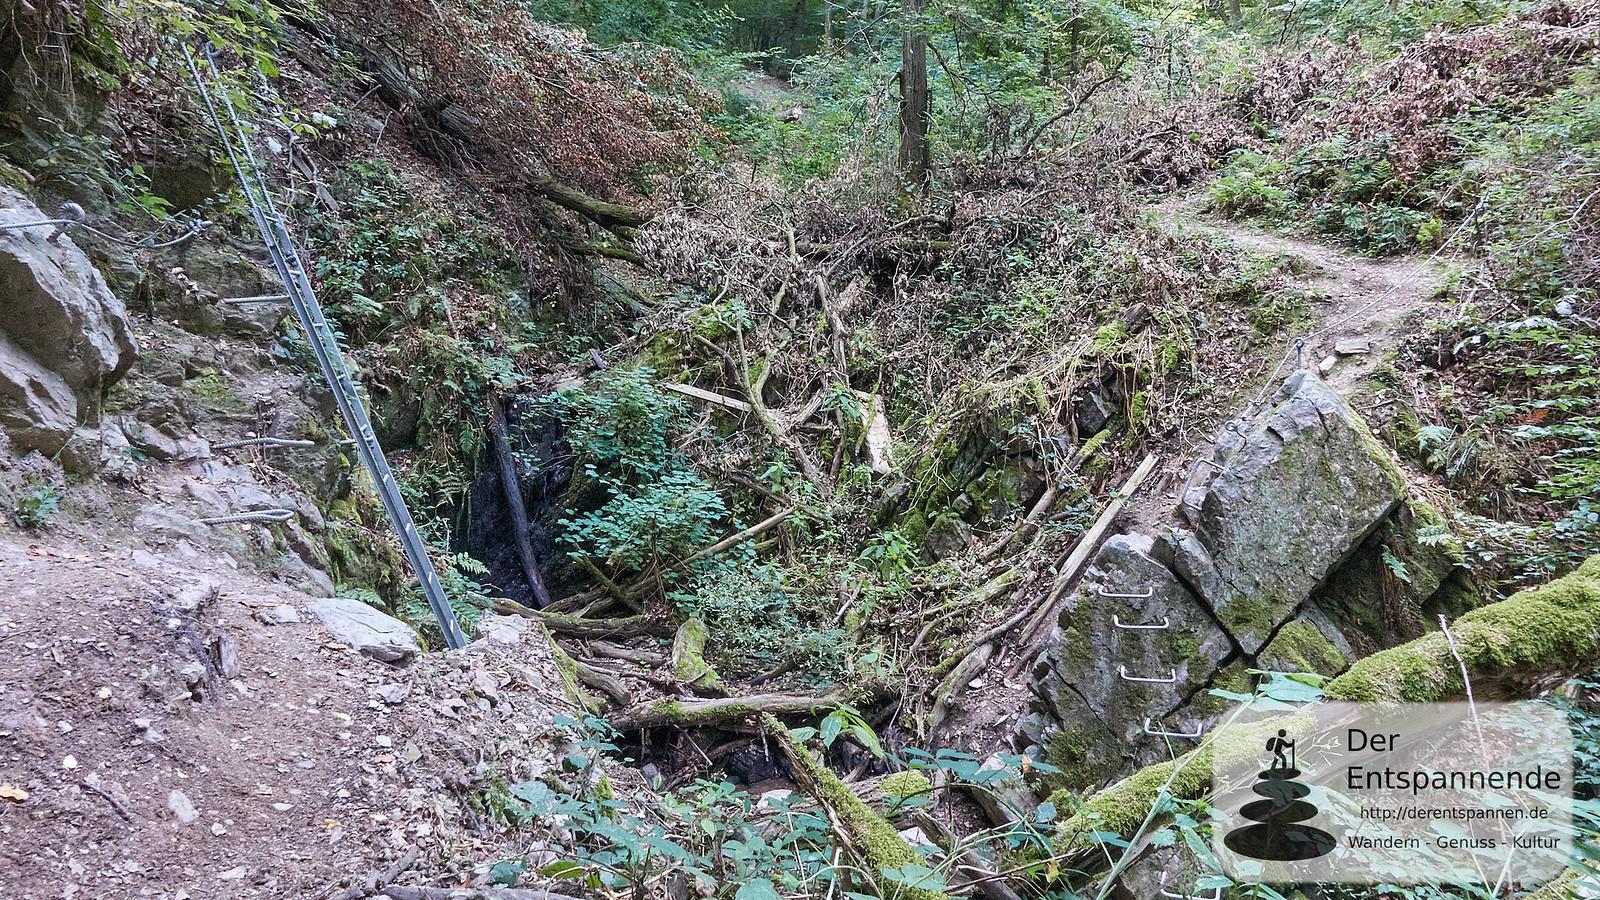 Anstelle Brücke: Eisensteige in der Kreuzbachklamm